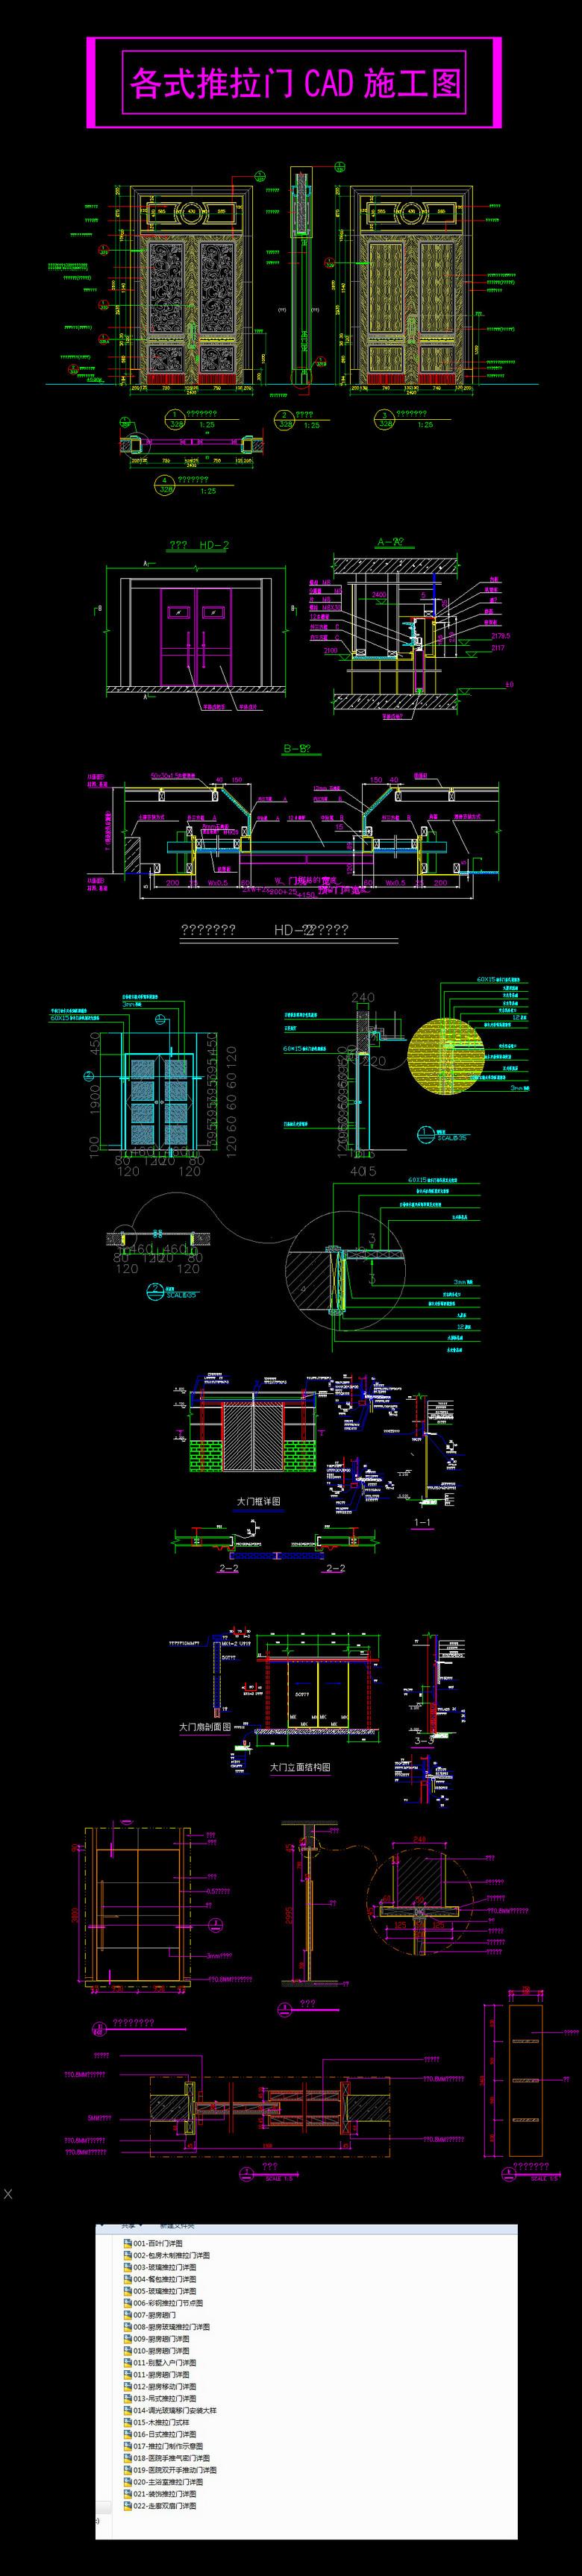 装修设计推拉门cad施工图平面图下载(图片4.81mb)__全